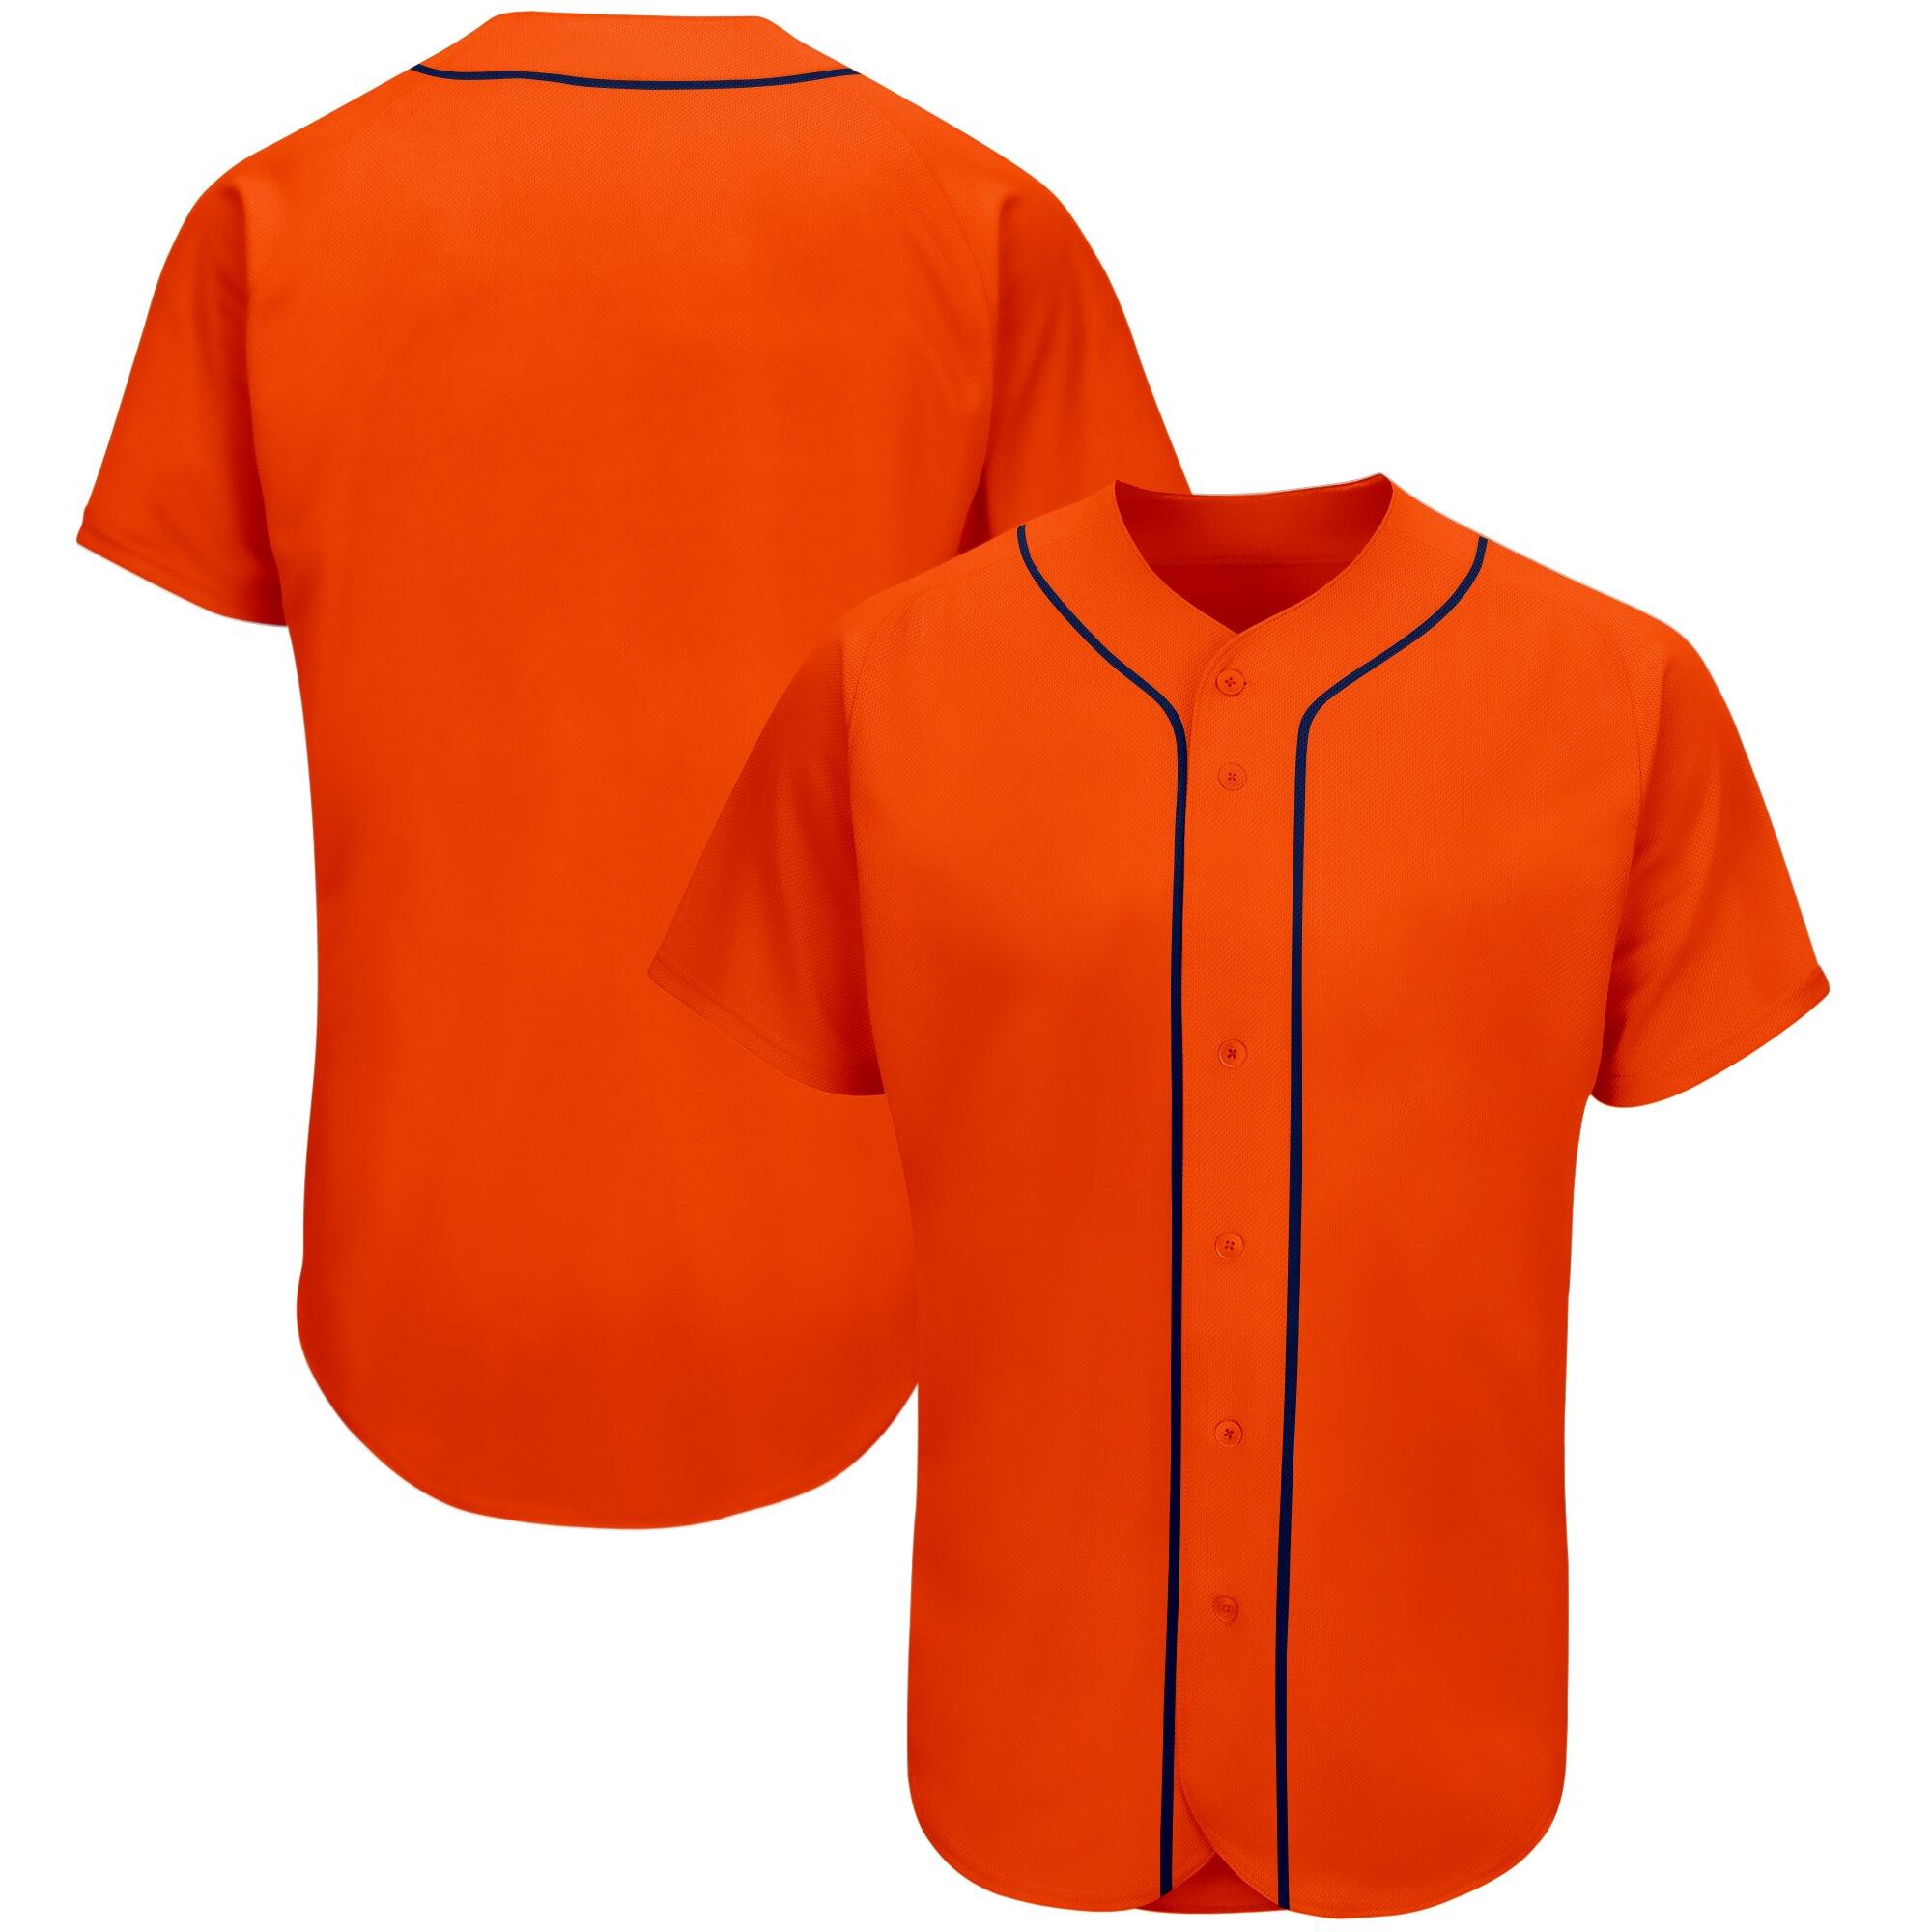 Модная мужская футболка для бейсбола в американском стиле, футболка с номером имени и вышивкой, Высококачественная униформа для чирлидинга...